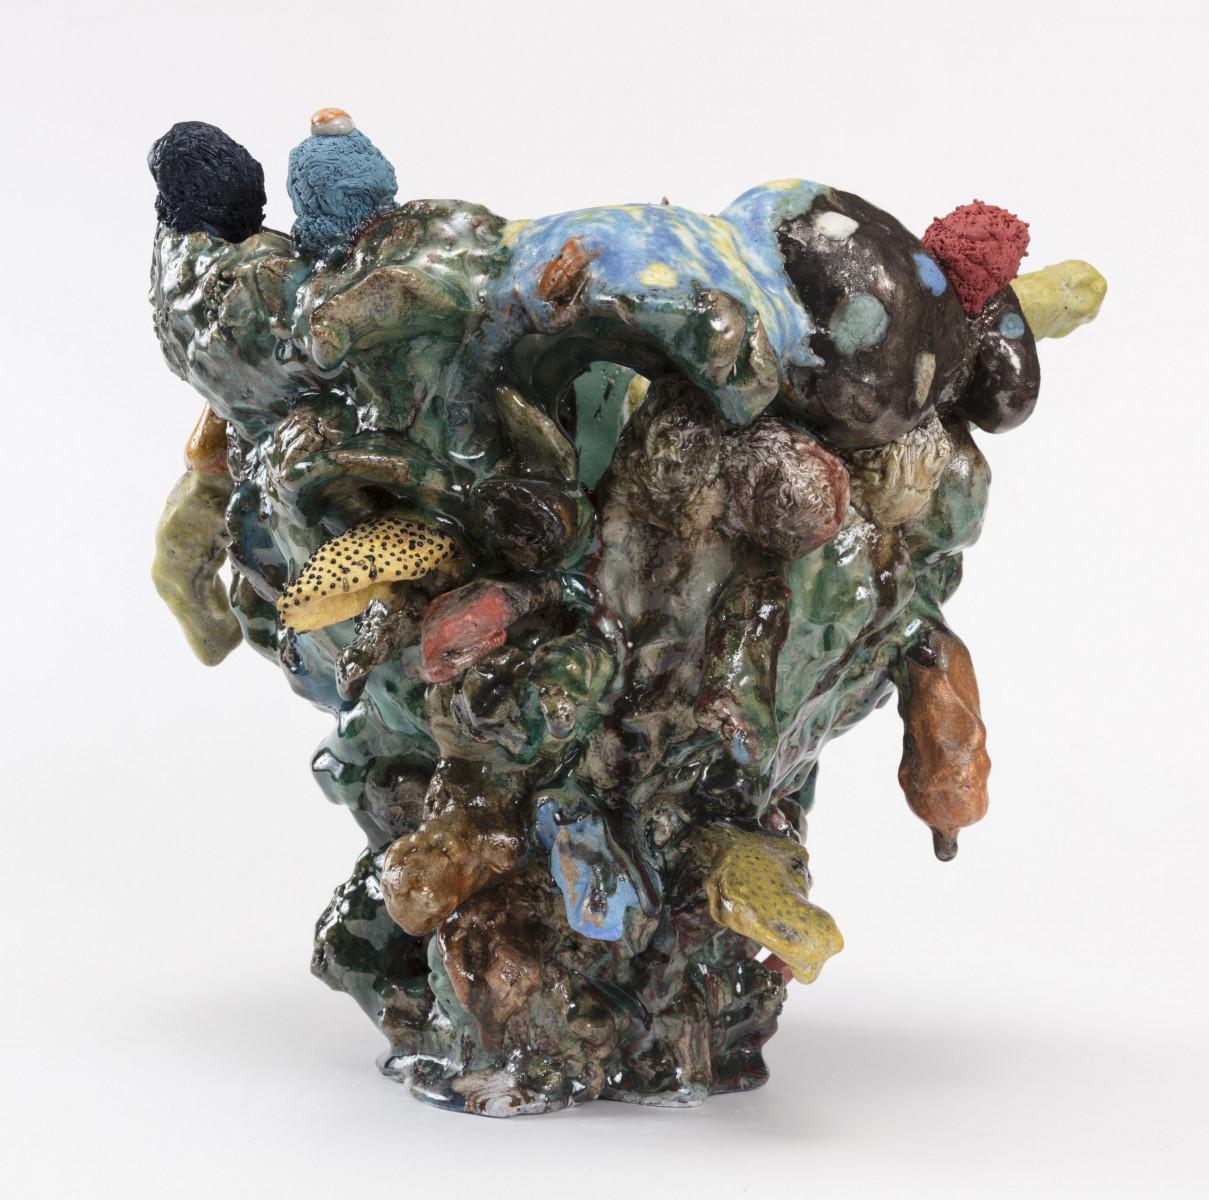 Kazuhito Kawai. <em>Happy Together</em>, 2020. Glazed ceramic, 12 1/4 x 13 x 13 inches (31 x 33 x 33 cm)